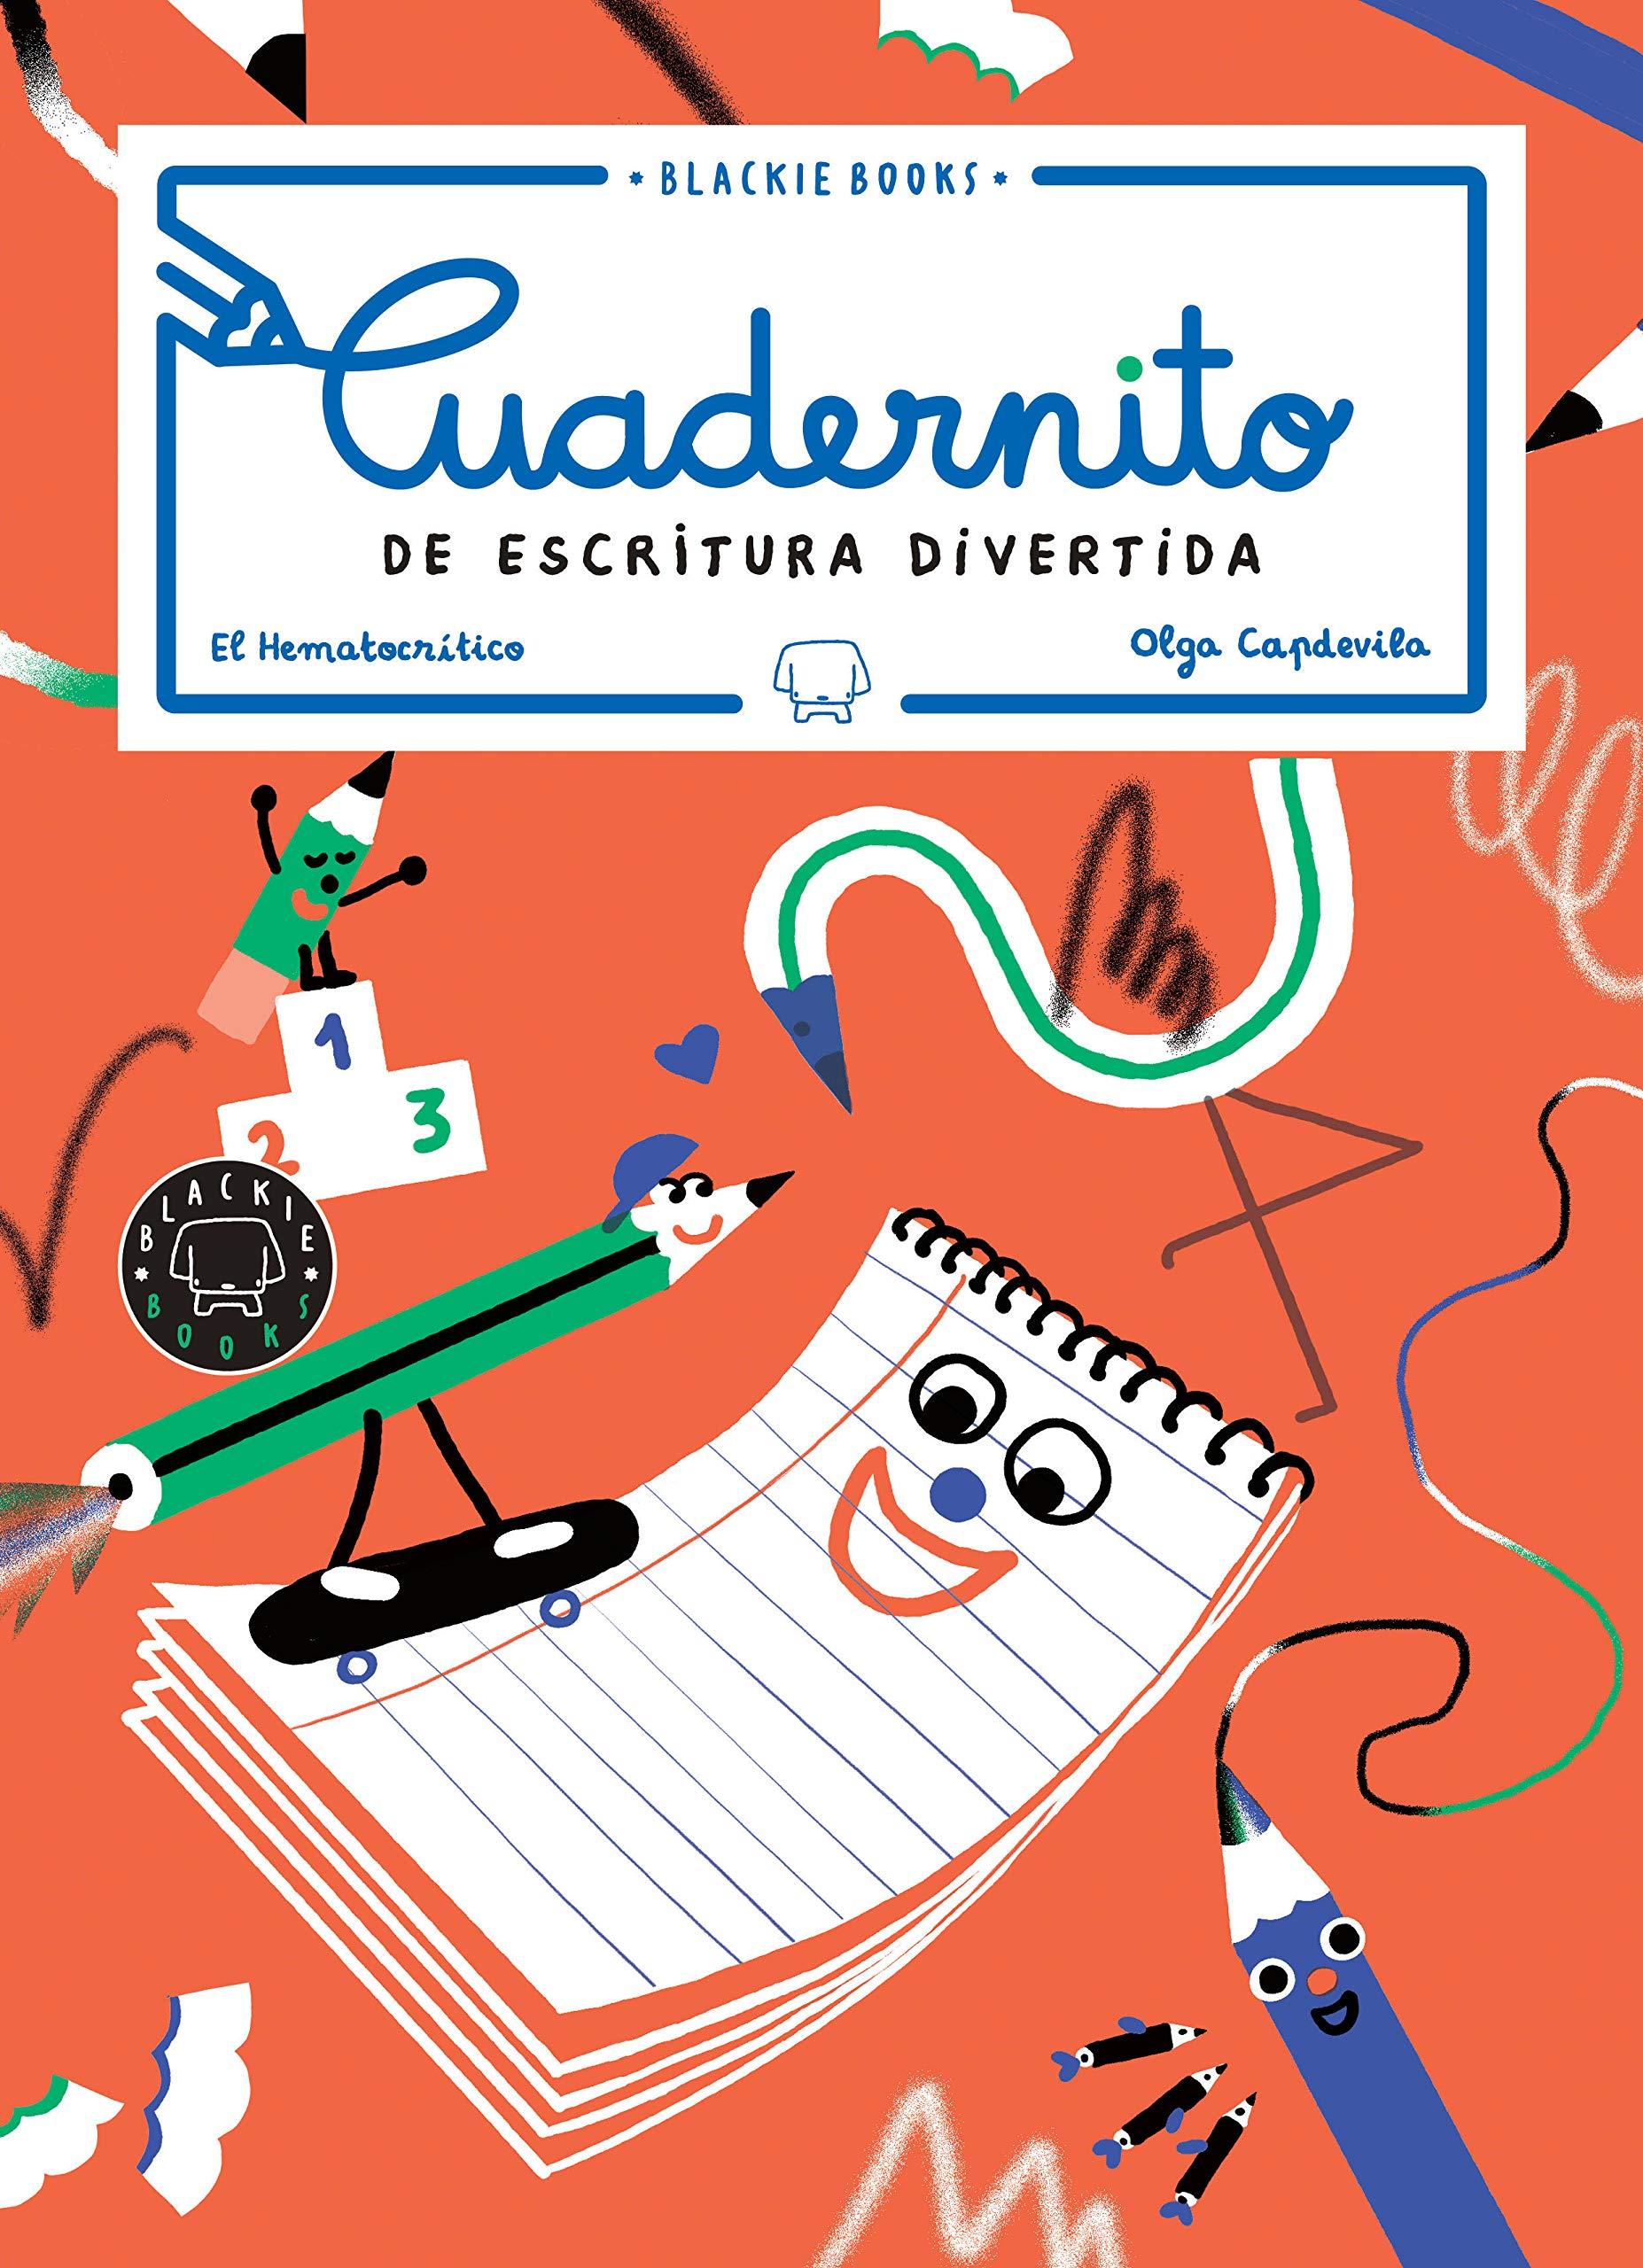 Cuadernito de escritura divertida, volumen 2: Amazon.es: El Hematocrítico, Capdevila, Olga: Libros